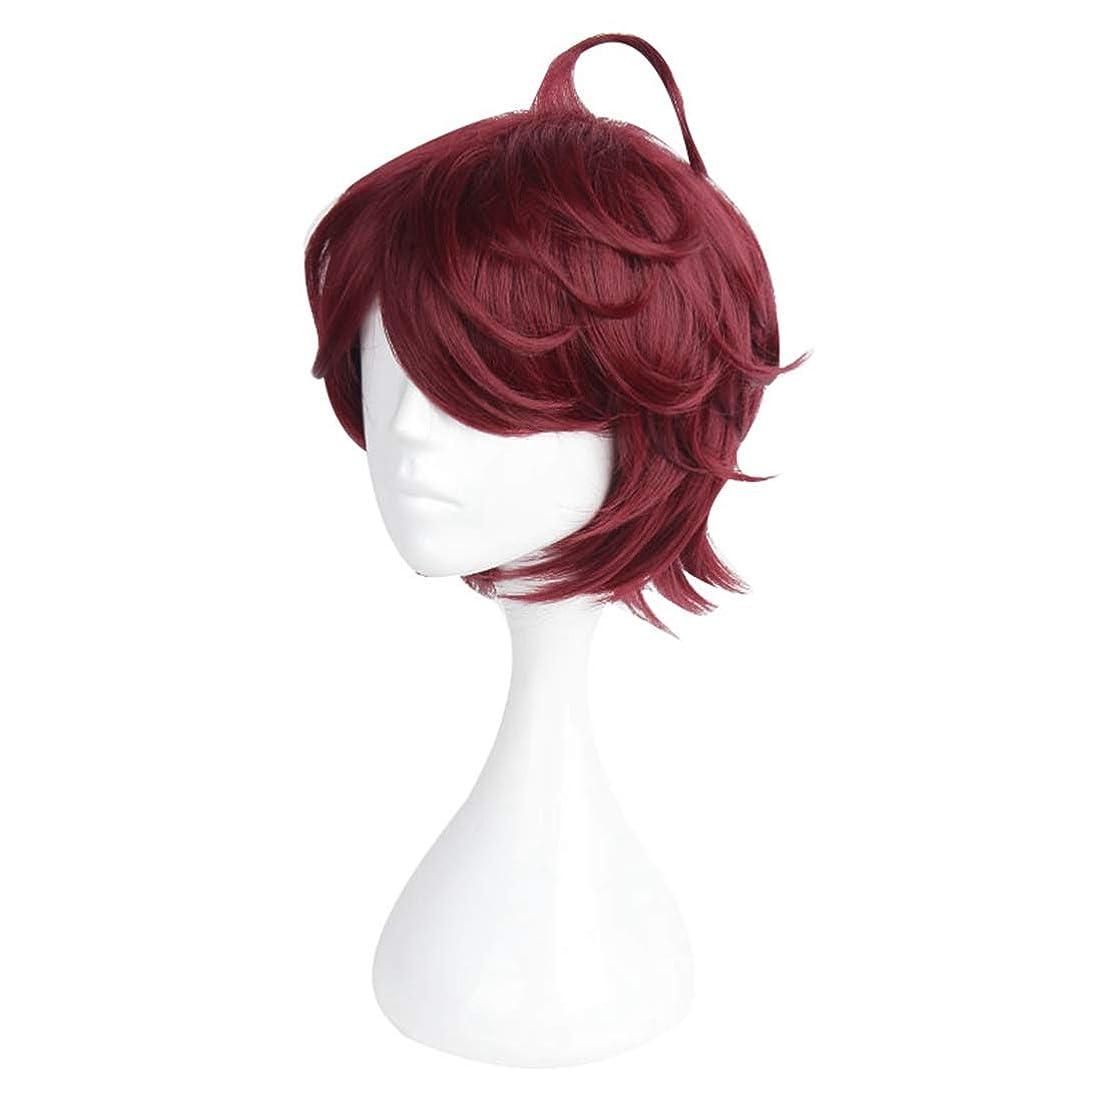 預言者危険にさらされているコインランドリーJIANFU 音楽ハンドゲームロールウィッグコスプレ衣装ウィッグメンズダークレッドショートヘアウィッグ (Color : Dark red)